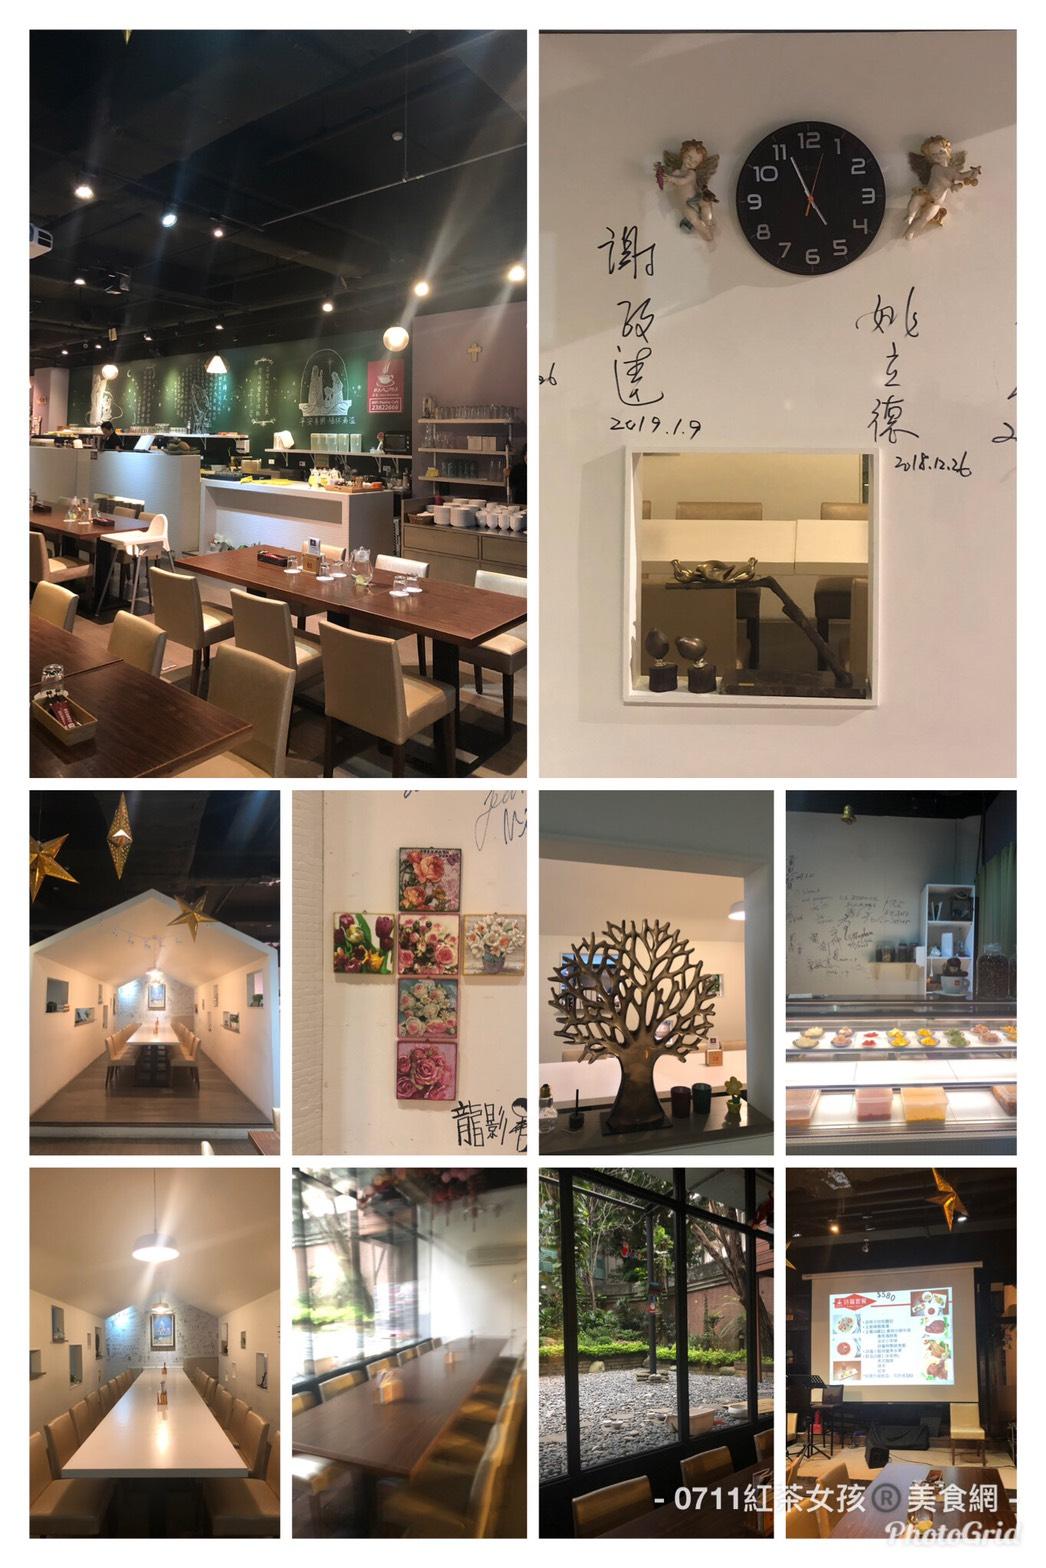 約會地點.詩篇咖啡餐廳